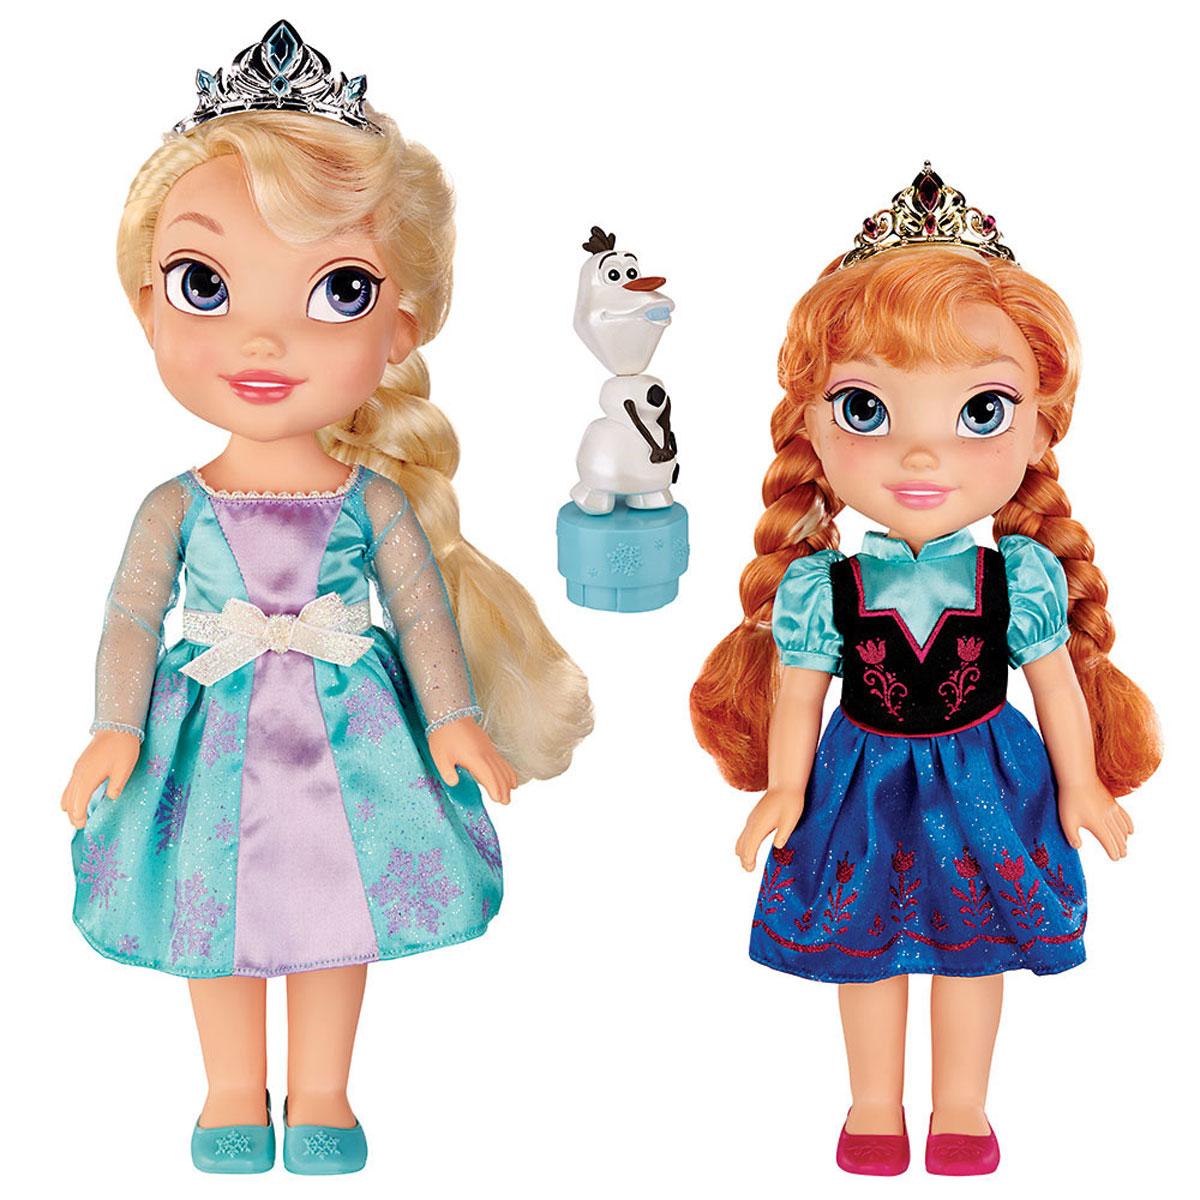 Disney Princess Игровой набор с мини-куклами Холодное cердце Эльза, Анна и Олаф310170Игровой набор Disney Frozen Холодное Сердце: Эльза, Анна и Олаф придется по душе каждой маленькой принцессе. В набор входят 2 очаровательные куклы - Эльза и Анна и их друг - веселый снеговик Олаф. Куклы одеты в прелестные платья с вышитыми рисунками, на ножках - туфельки. Головы Эльзы и Анны украшают изящные диадемы - как и положено настоящим принцессам! Волосы, заплетенные в косы, можно расчесывать. У куколок двигаются ручки, ножки и голова. Фигурка Олафа помещена на специальную подставку, при нажатии на которую снеговик забавно качает головой. Ваша малышка часами будет играть с набором, придумывая разные истории с героями любимого мультфильма. Порадуйте ее таким замечательным подарком!